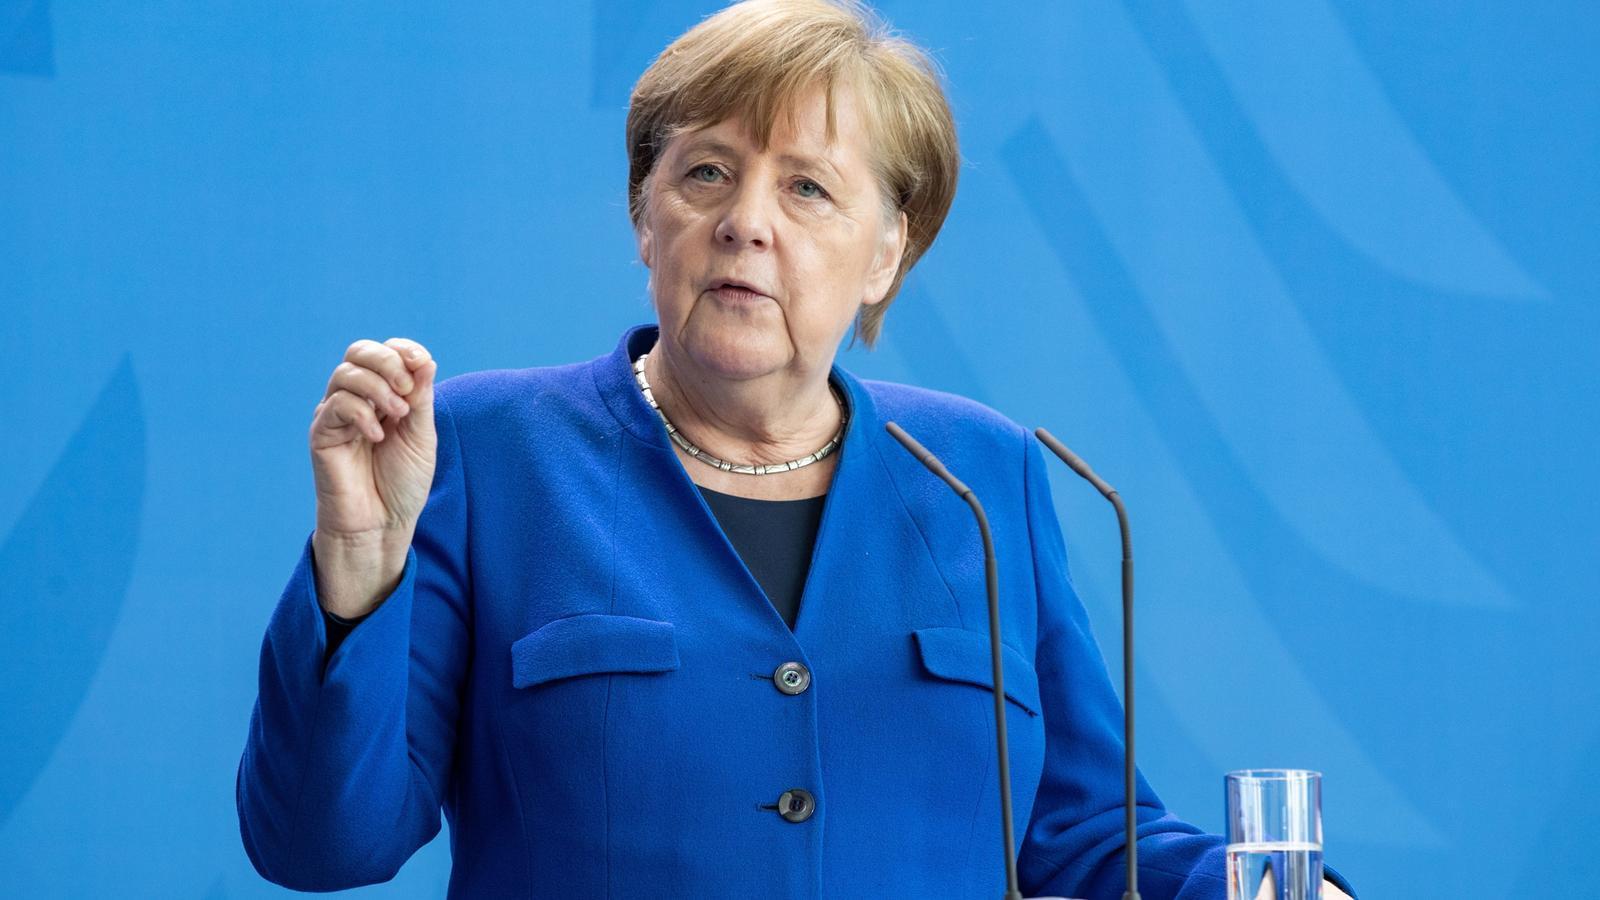 Angela Merkel durant la roda de premsa d'avui sobre la crisi del coronavirus